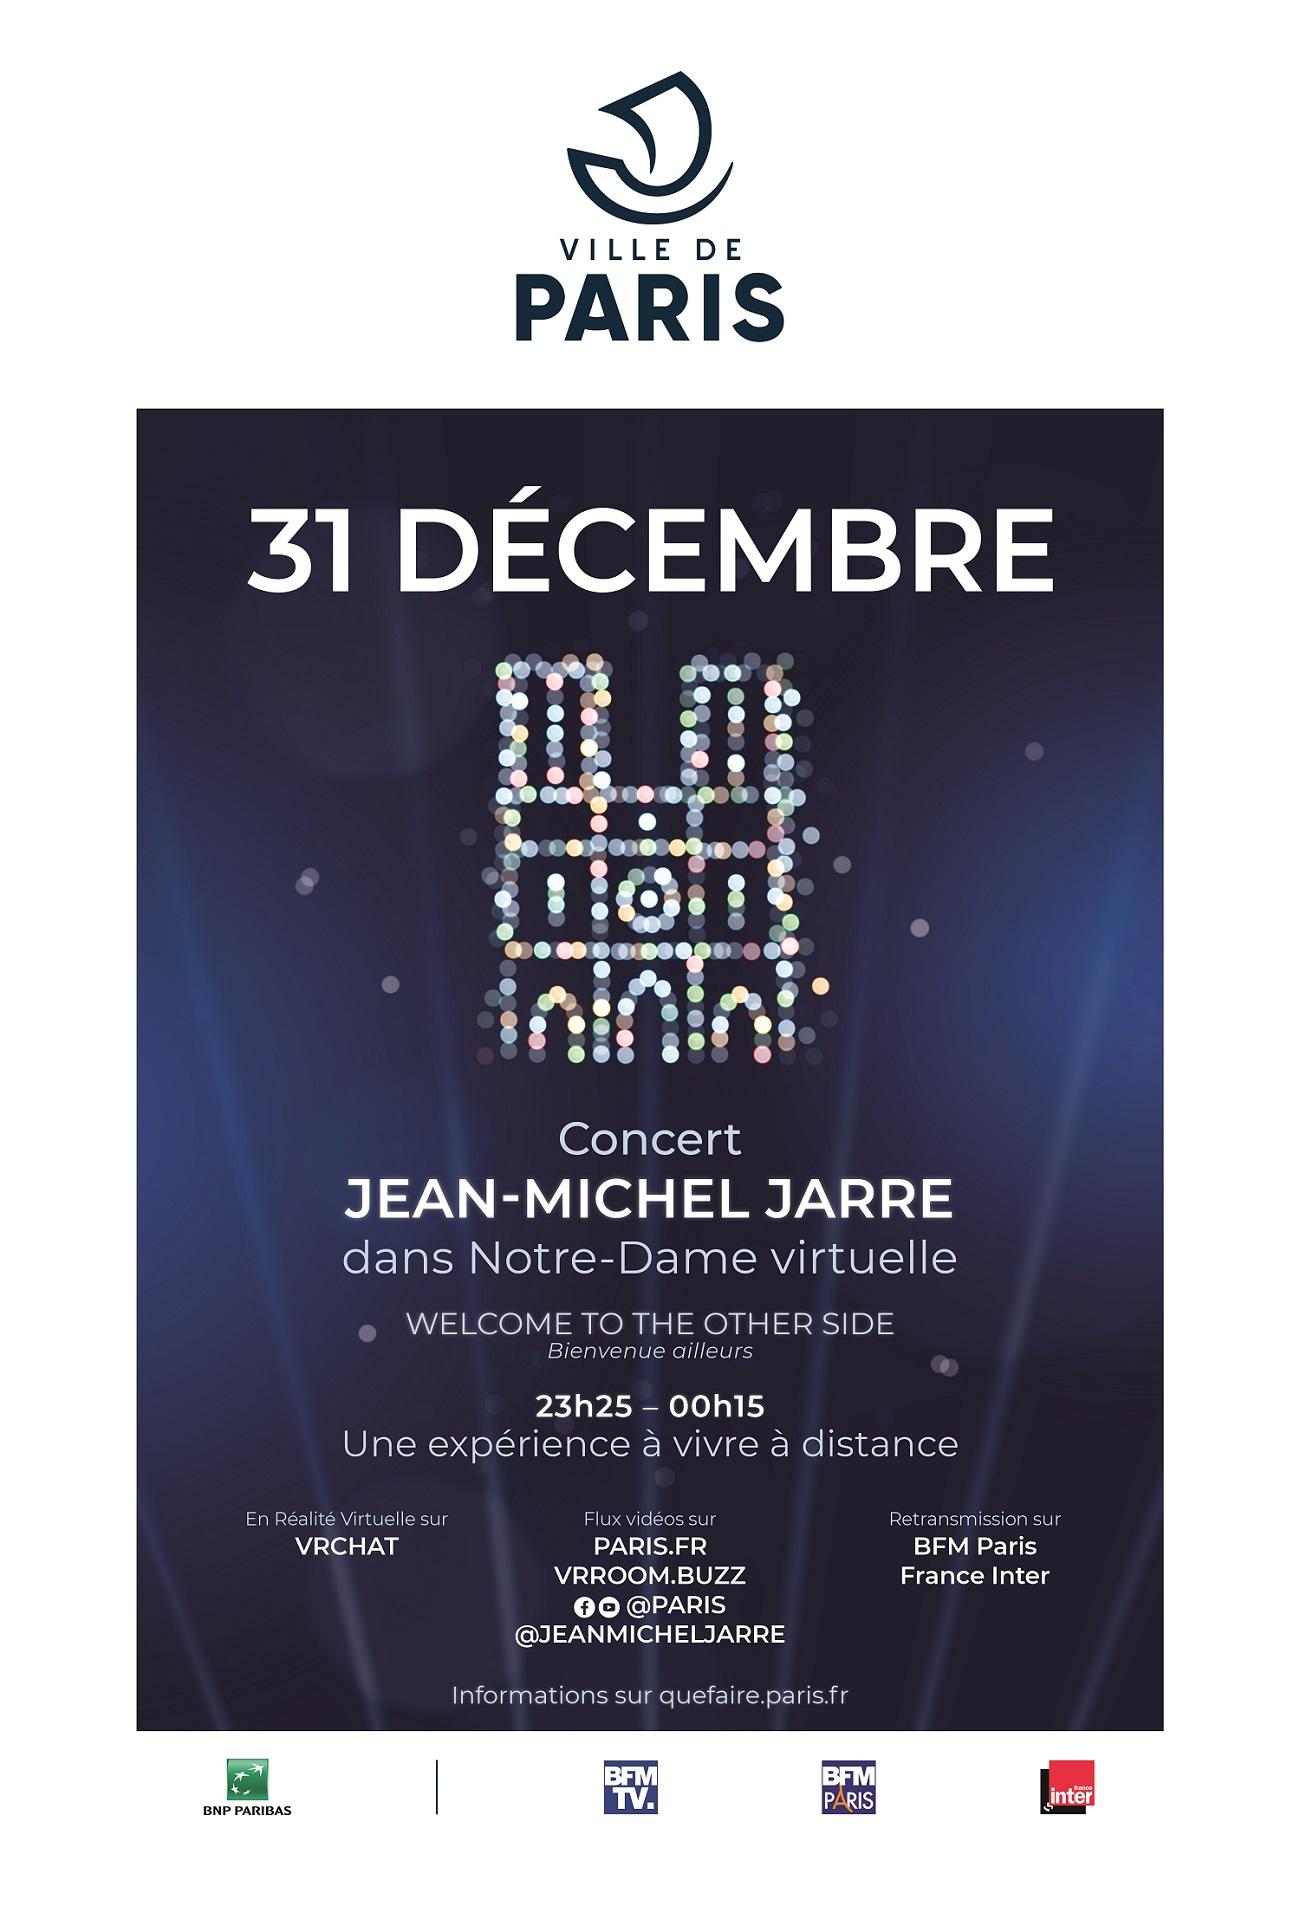 Affiche 31 décembre - Concert de Jean-Michel Jarre